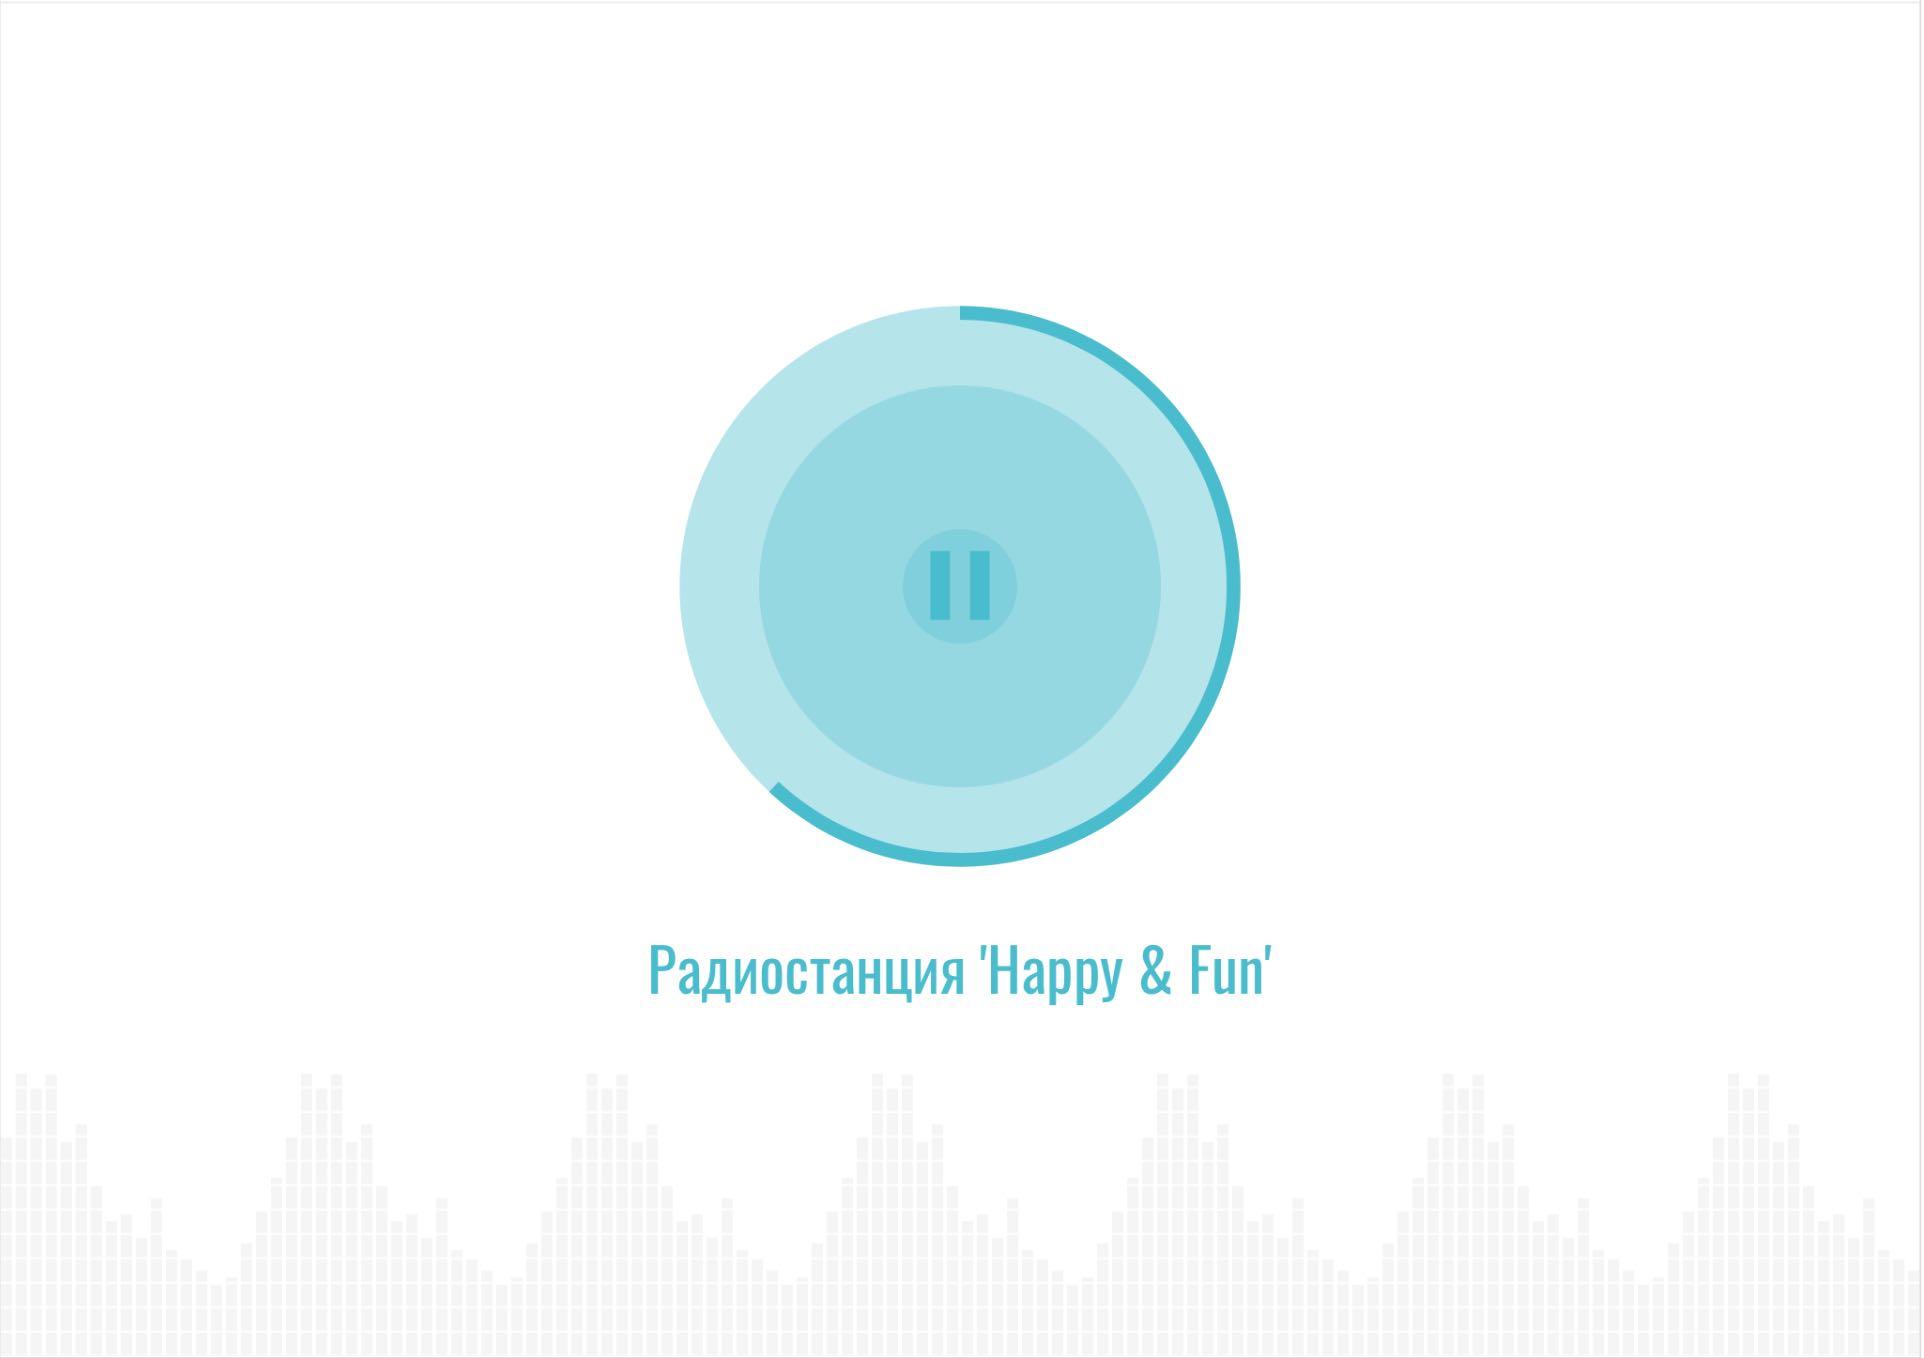 Музыка для бизнеса слушать онлайн, скачать 1